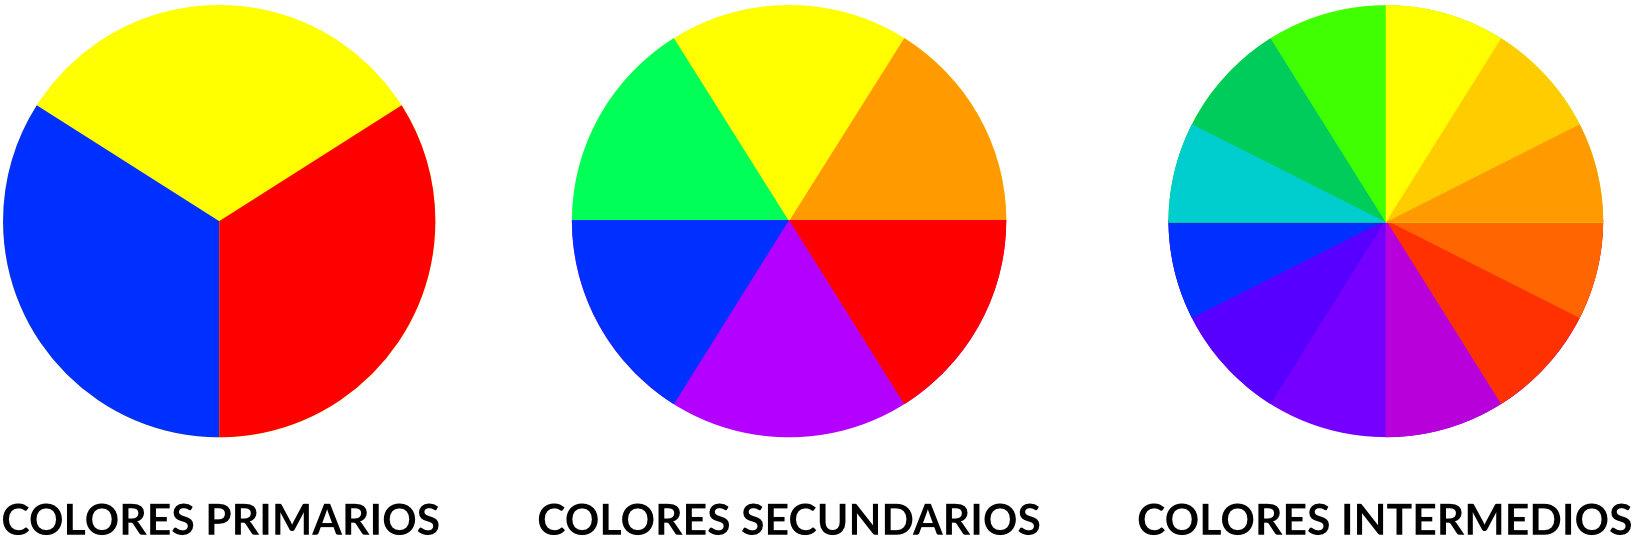 Colores del círculo cromático